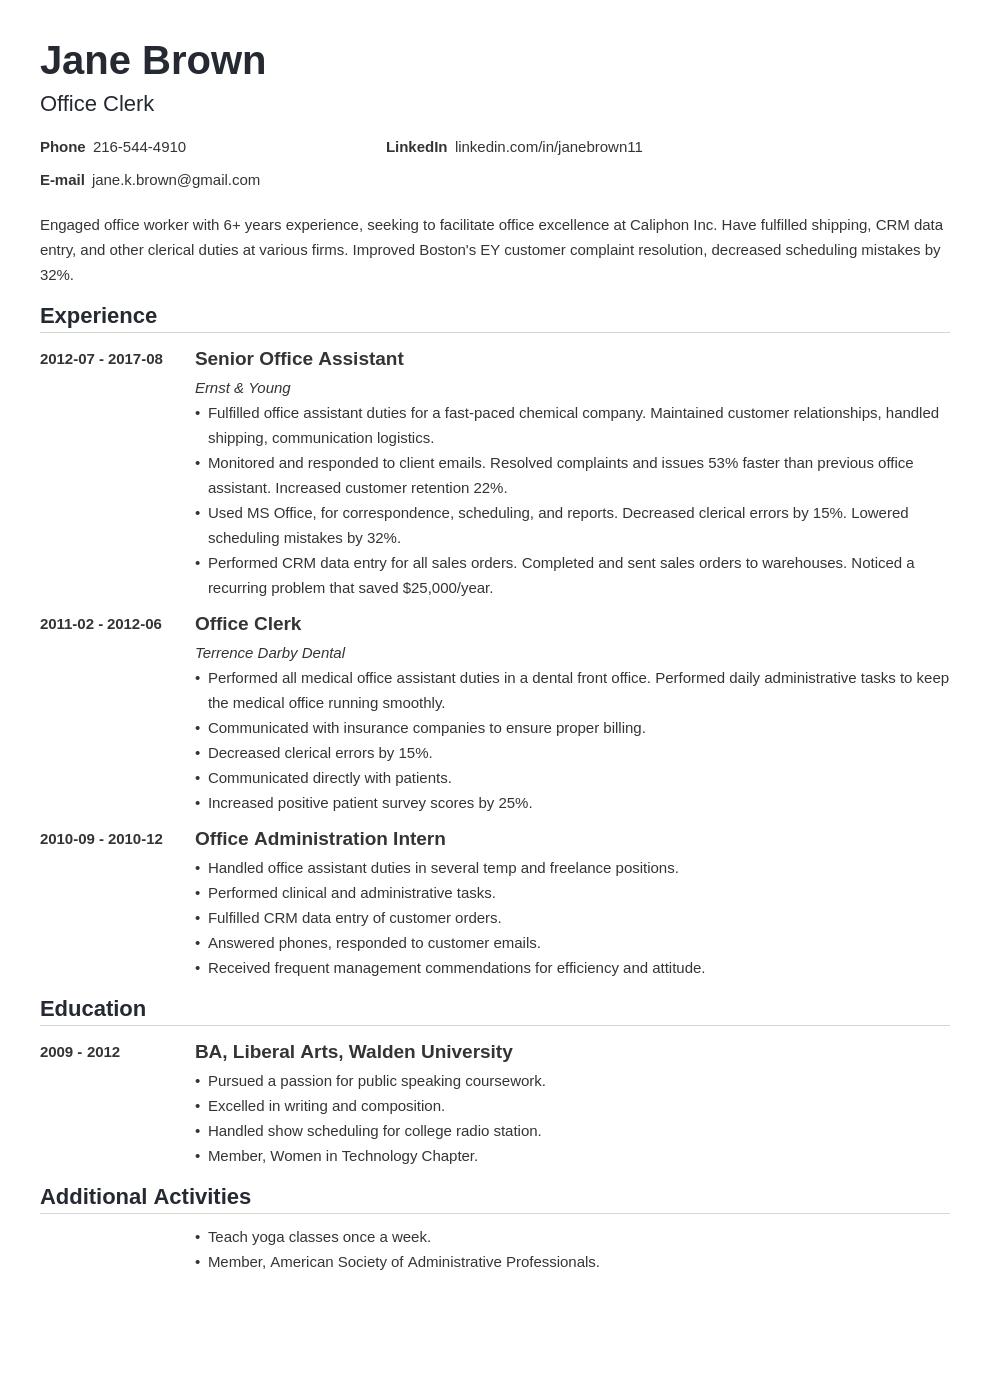 Resume Skills For Service Clerk